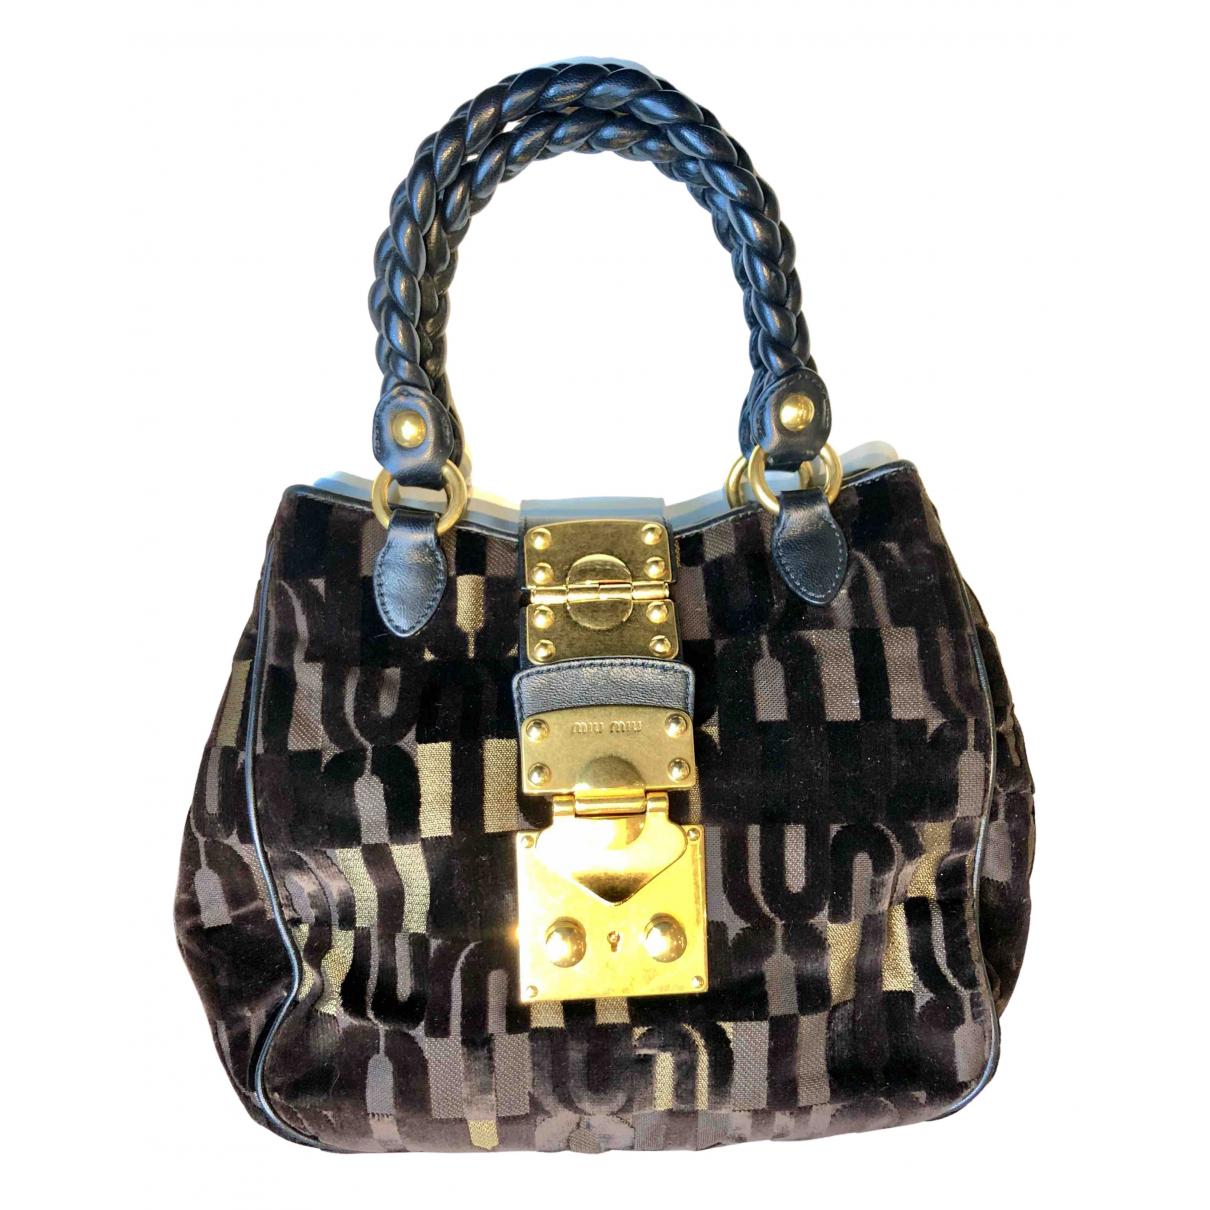 Miu Miu Matelasse Handtasche in  Braun Samt